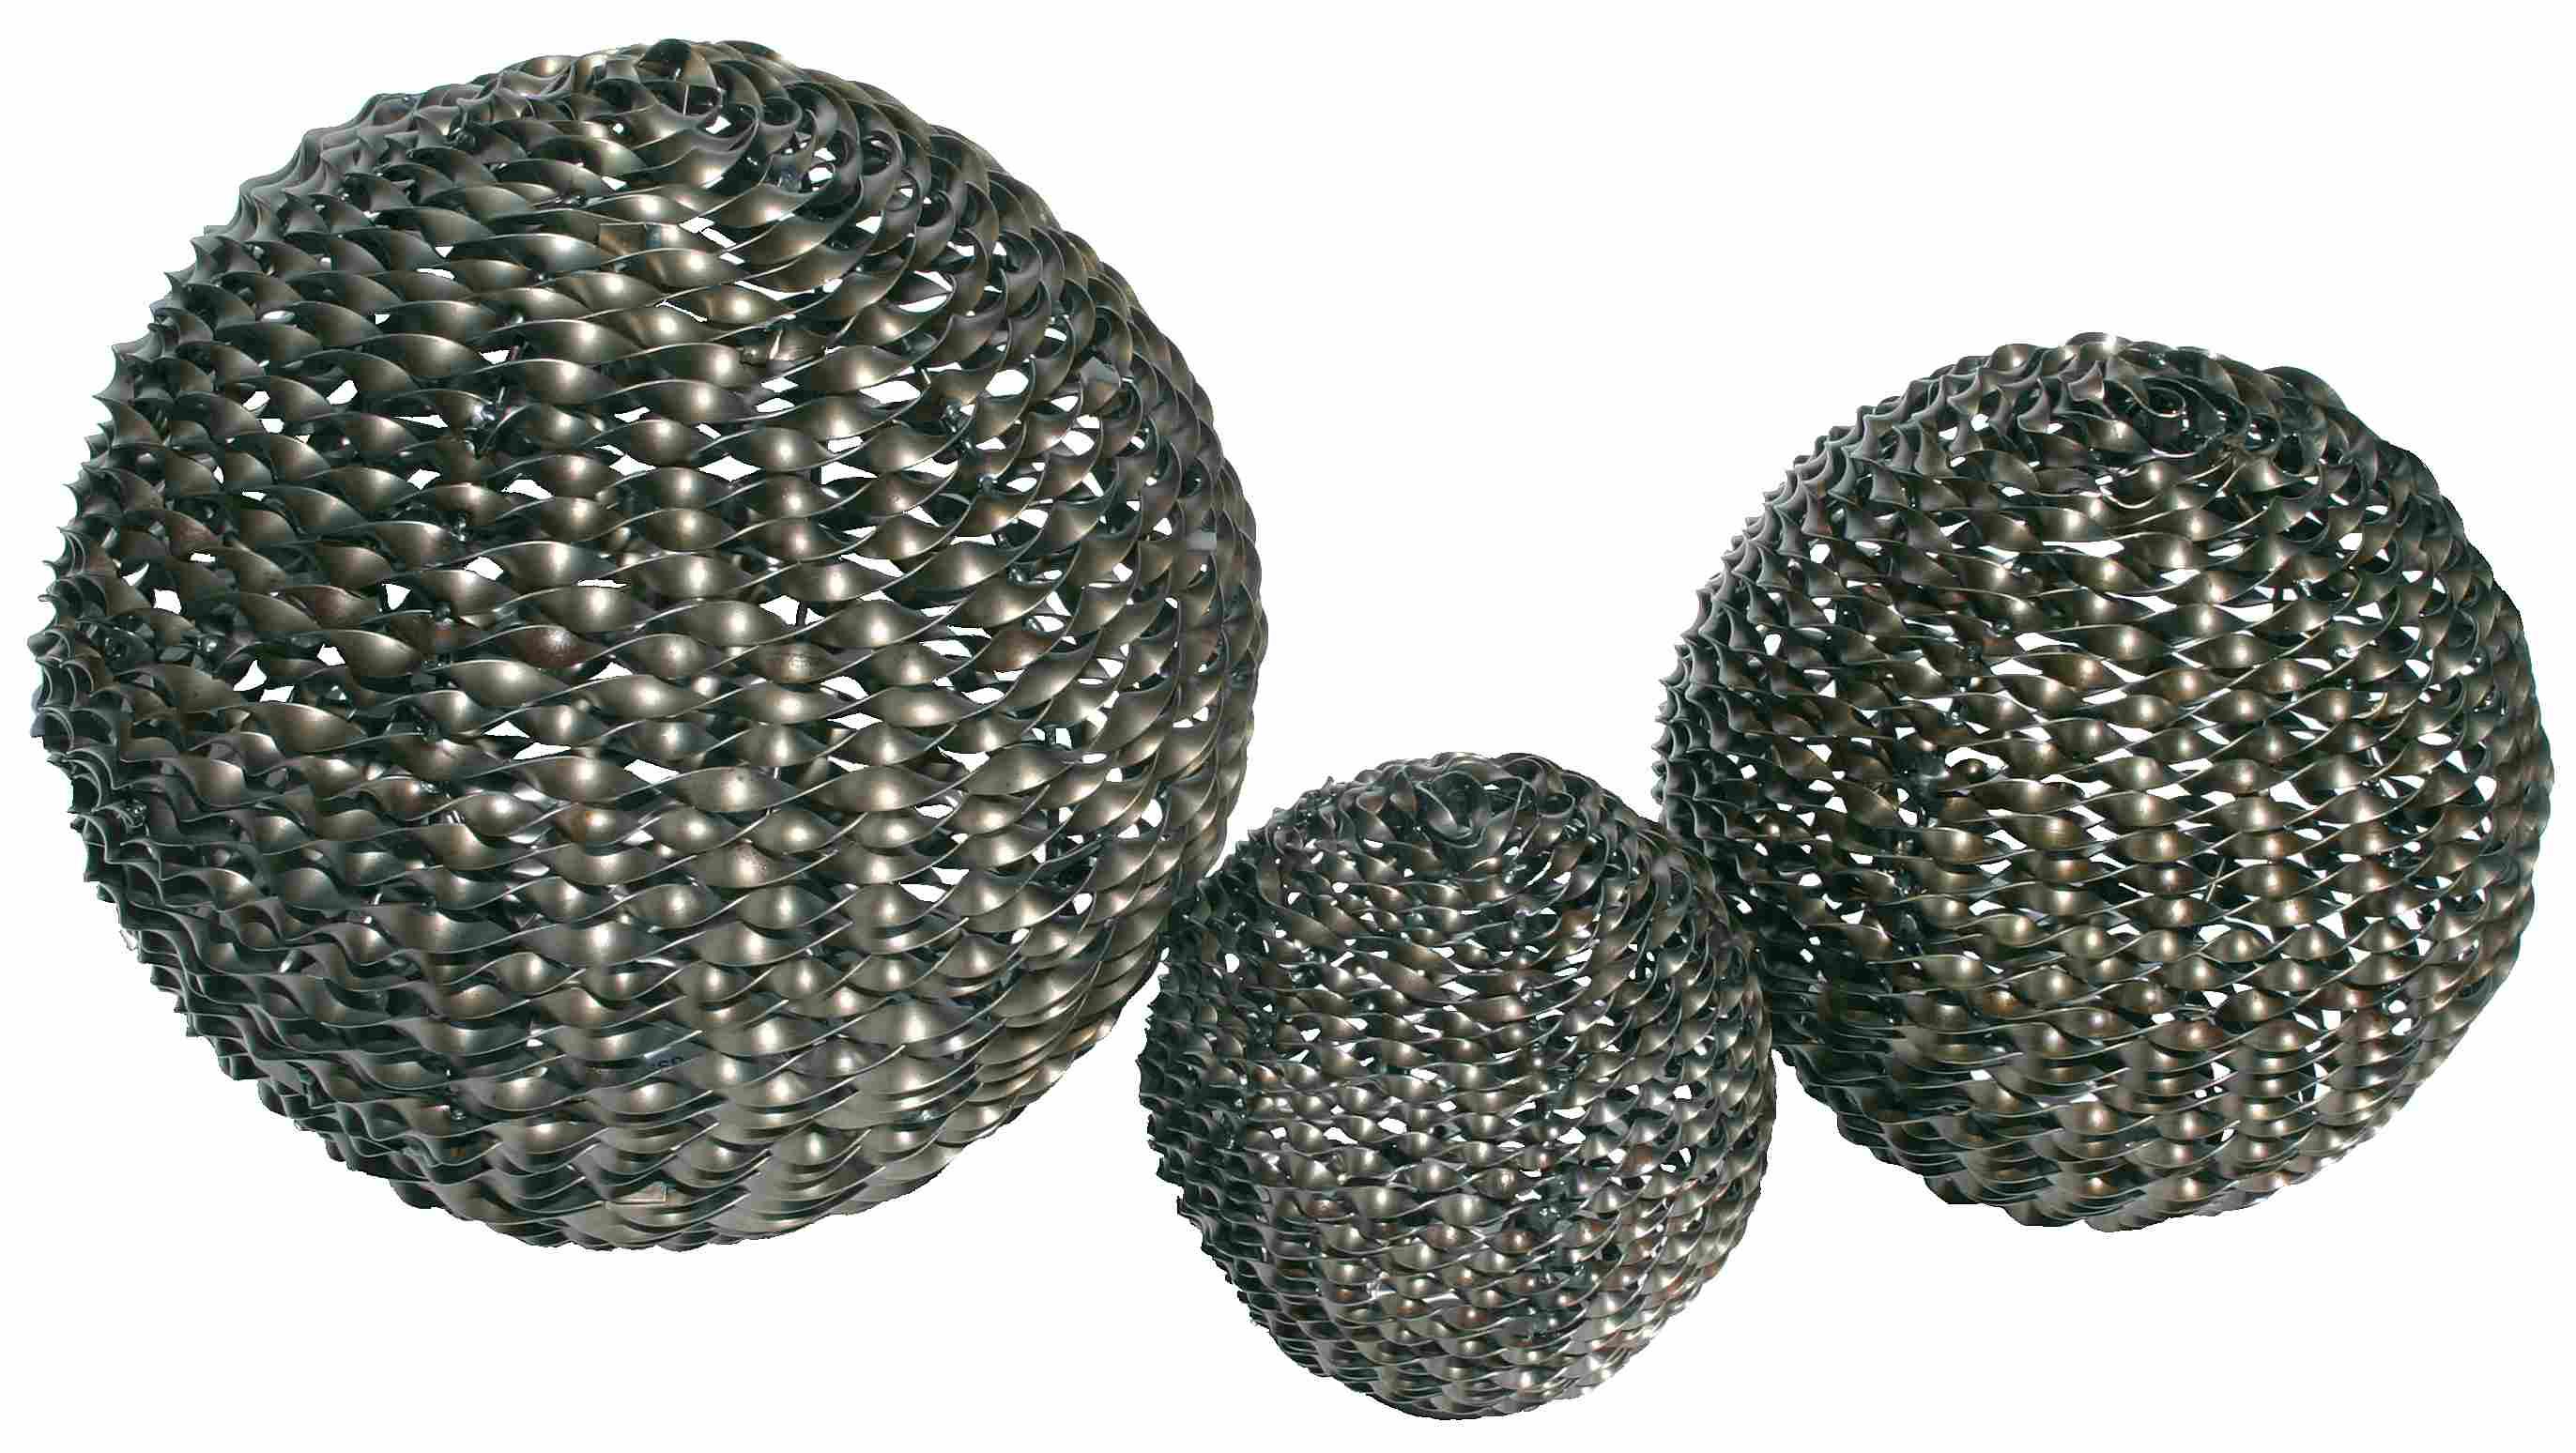 Garden Sphere Sculpture Large 163 74 99